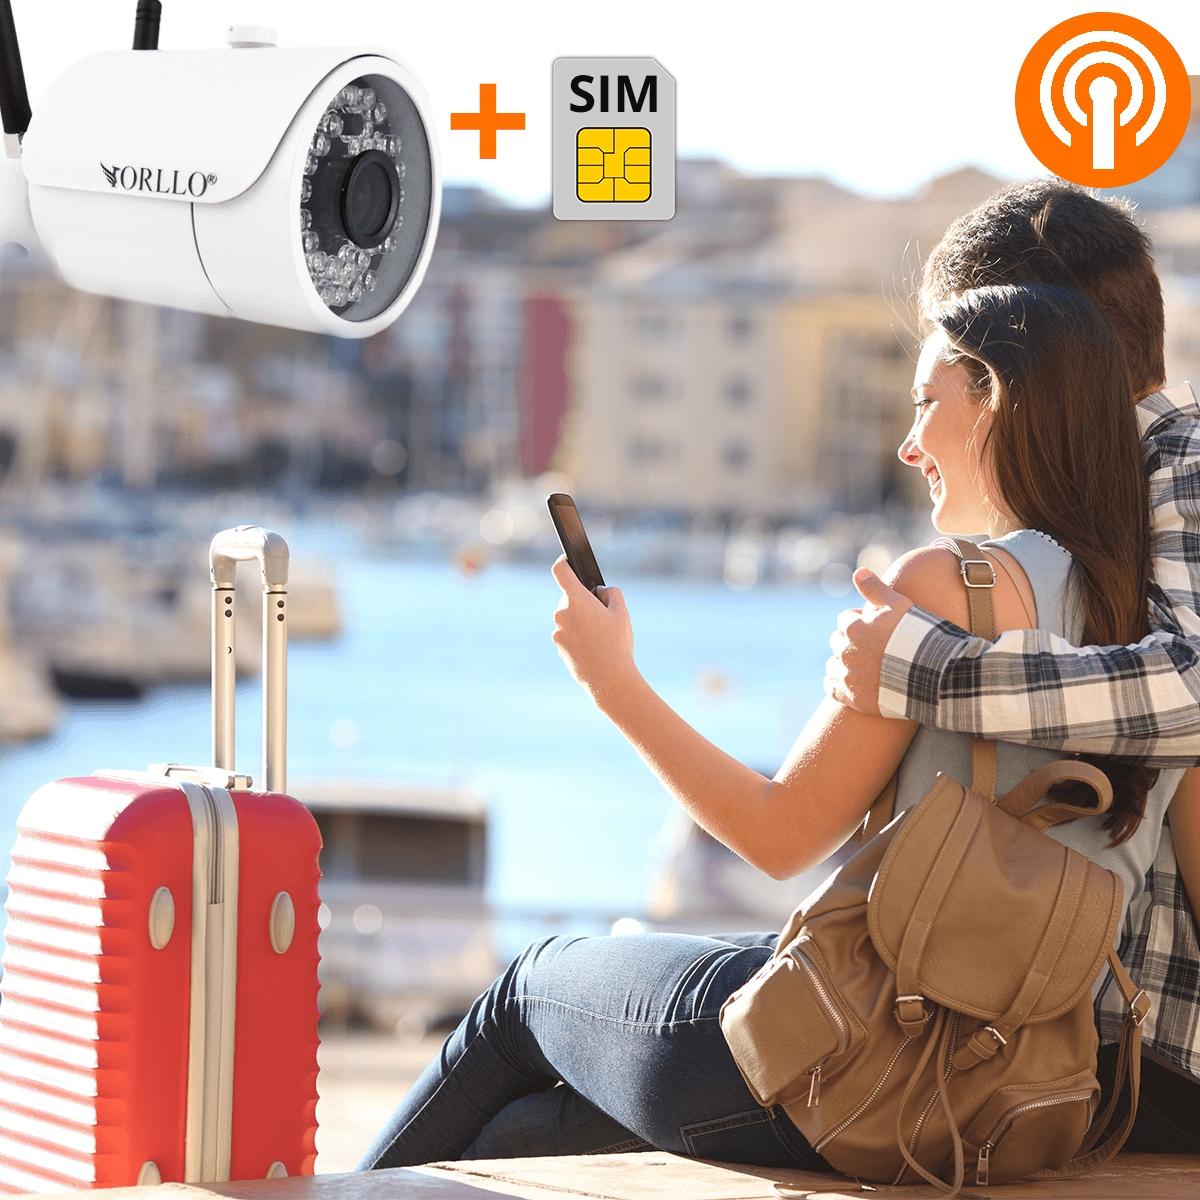 Kamera Zewnętrzna GSM SIM Router WiFi + Kamera 4MP Rozdzielczość 1.3 Mpx